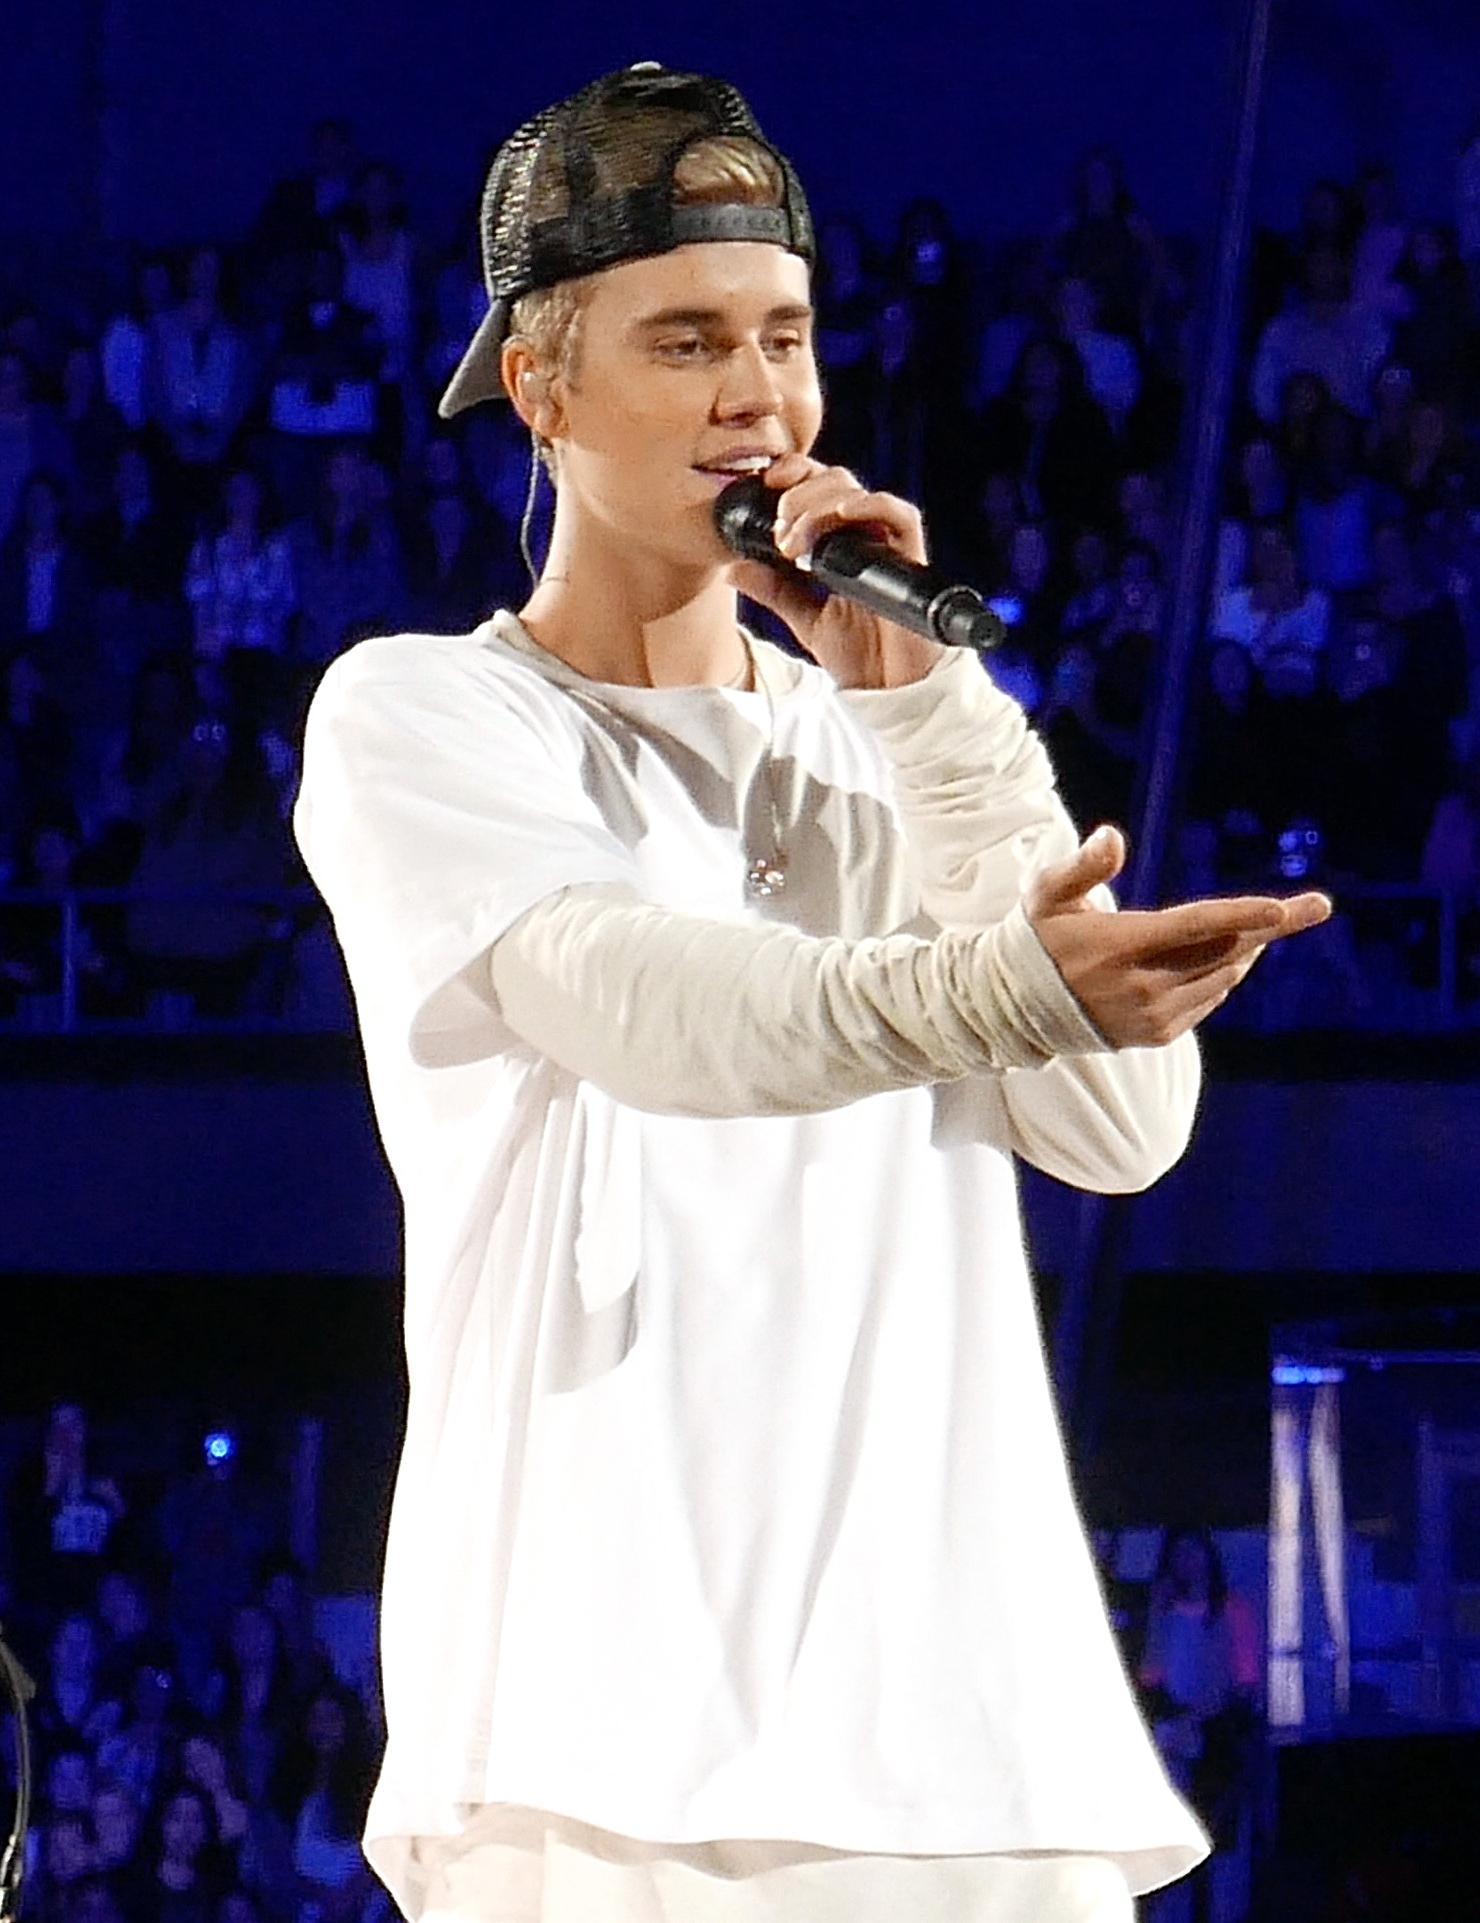 Justin Bieber en concert à Rosemont, dans l'Illinois en 2015  (photo par Lou Stejskal, Wikimedia Commons)